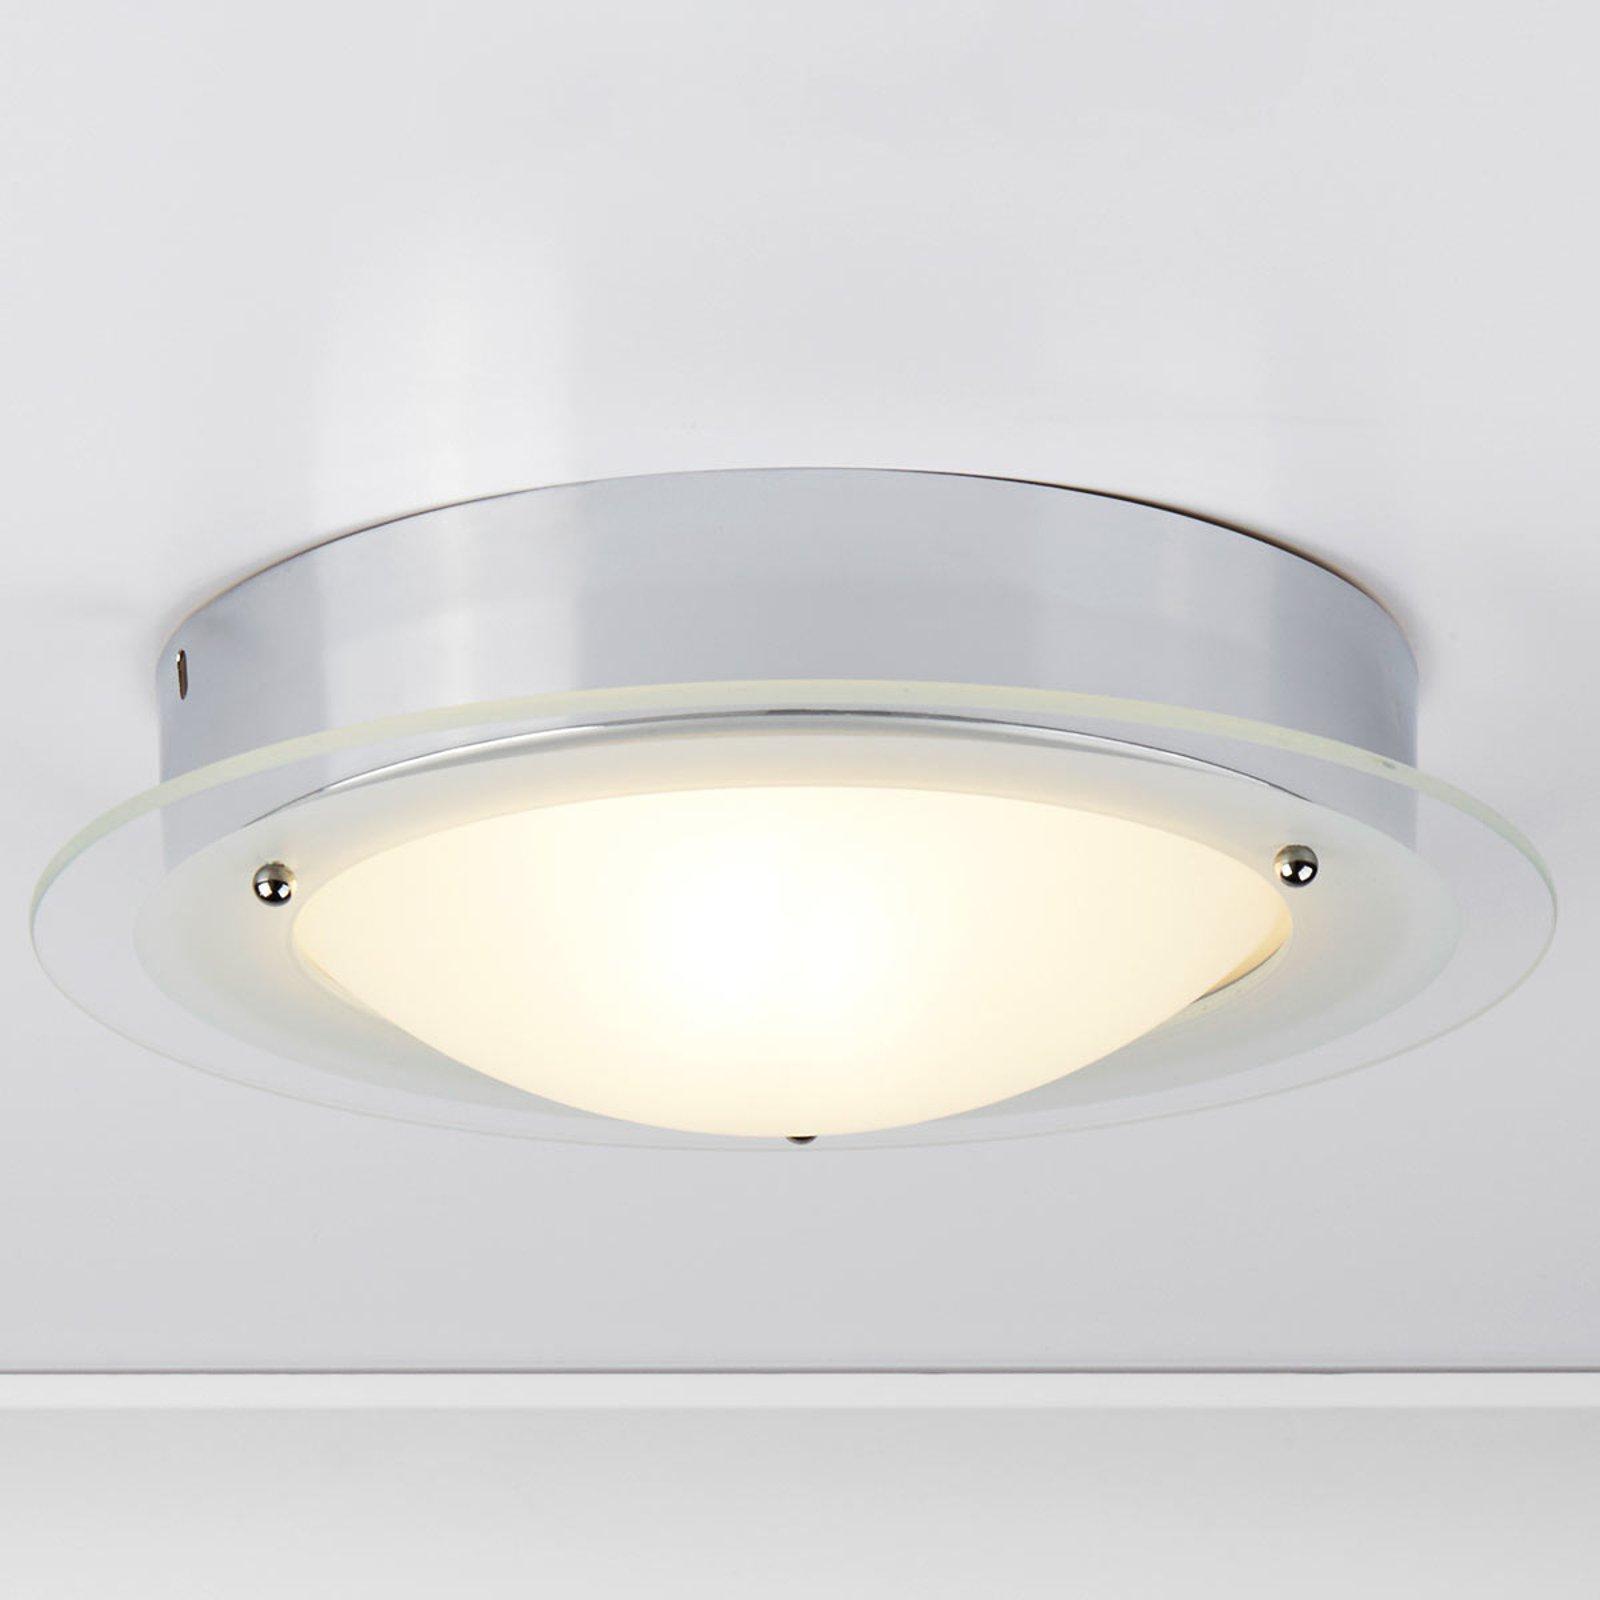 JUNA - taklampe til badet med glasskant